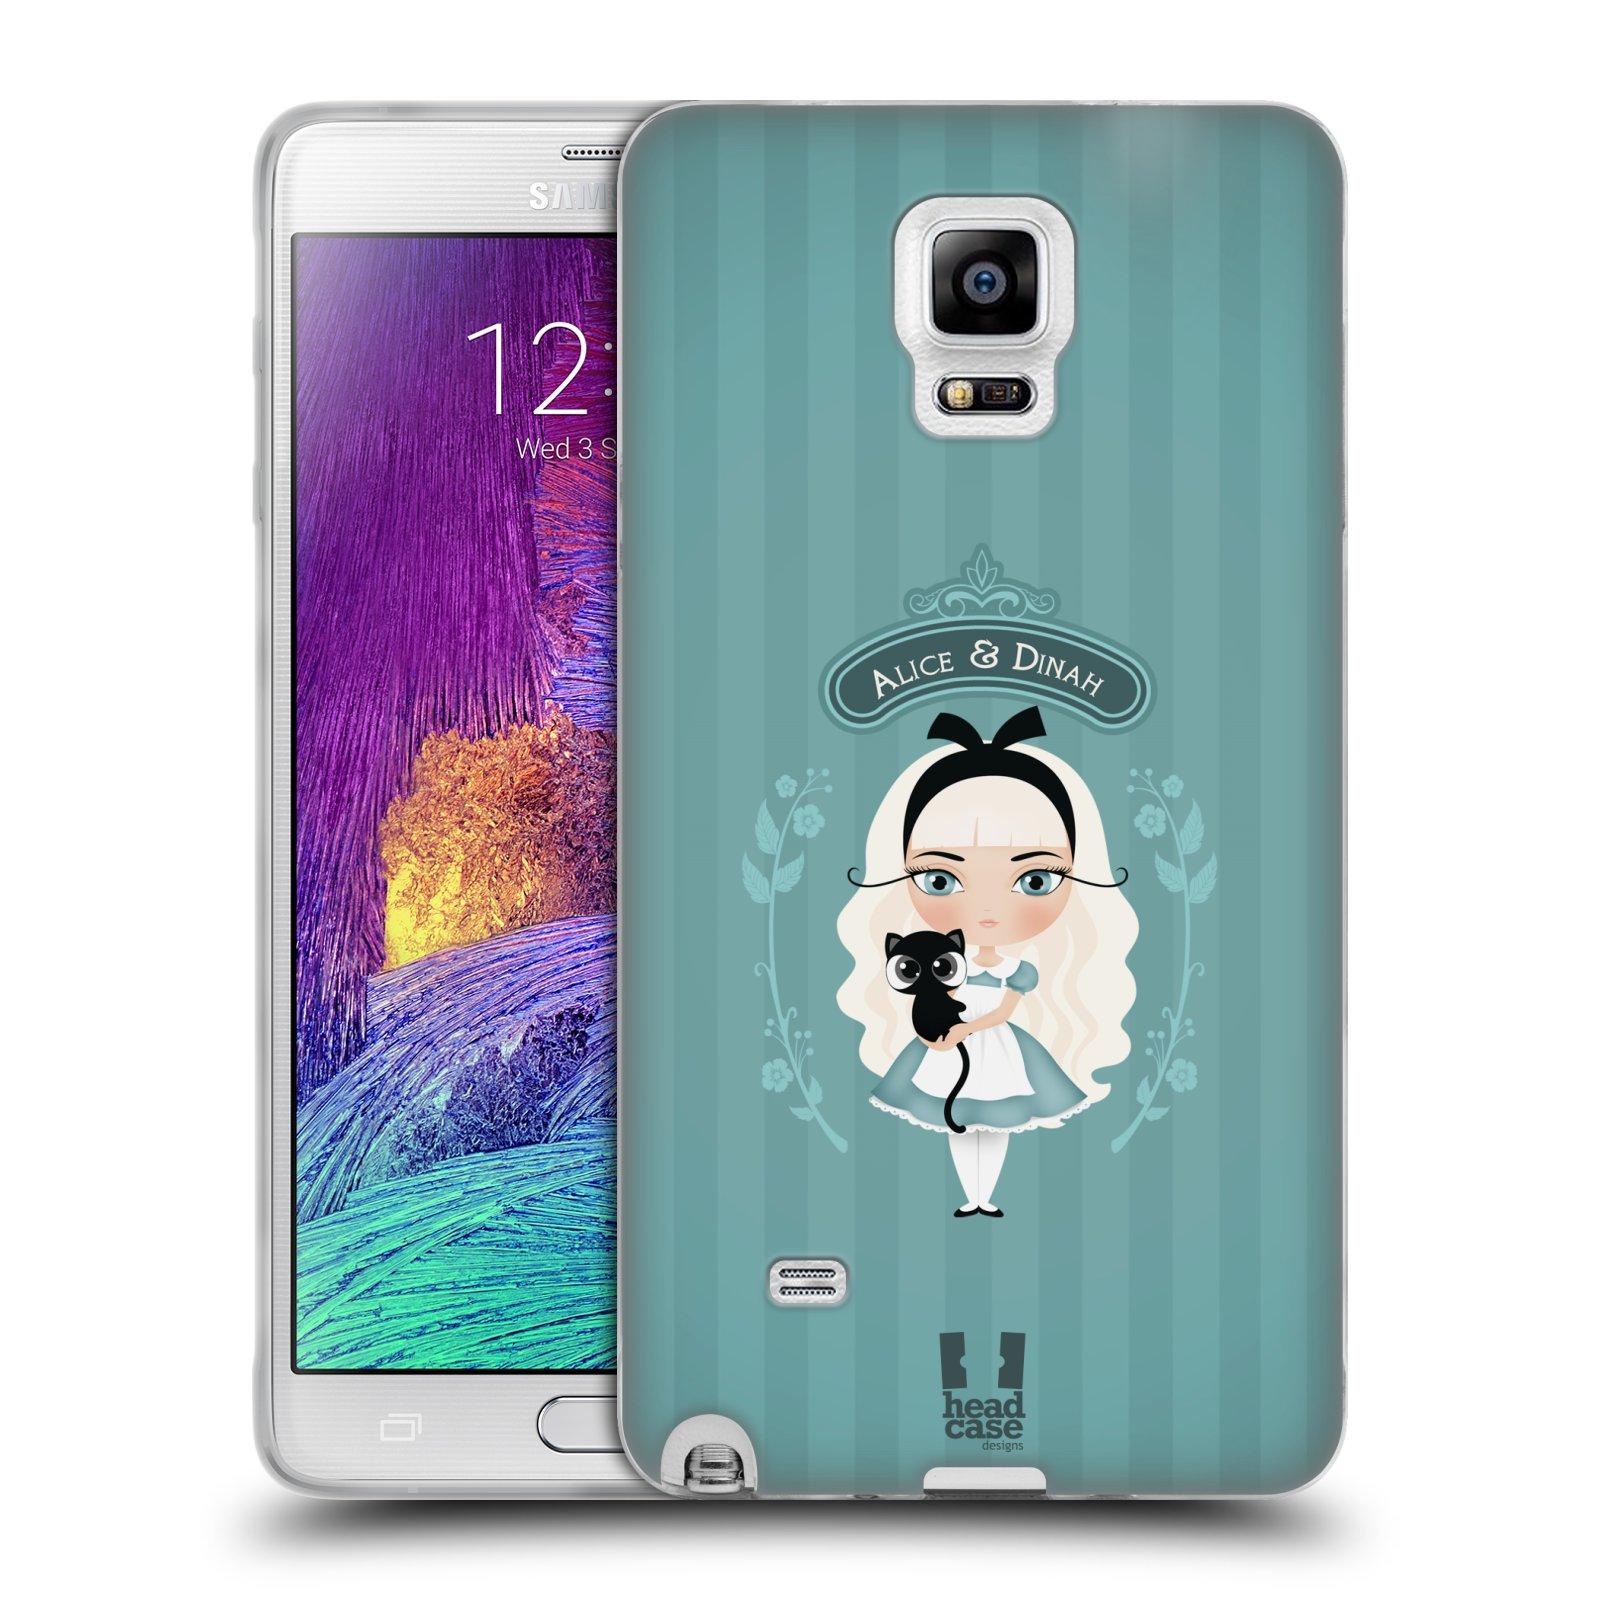 HEAD CASE silikonový obal na mobil Samsung Galaxy Note 4 (N910) vzor Alenka v říši divů Alenka